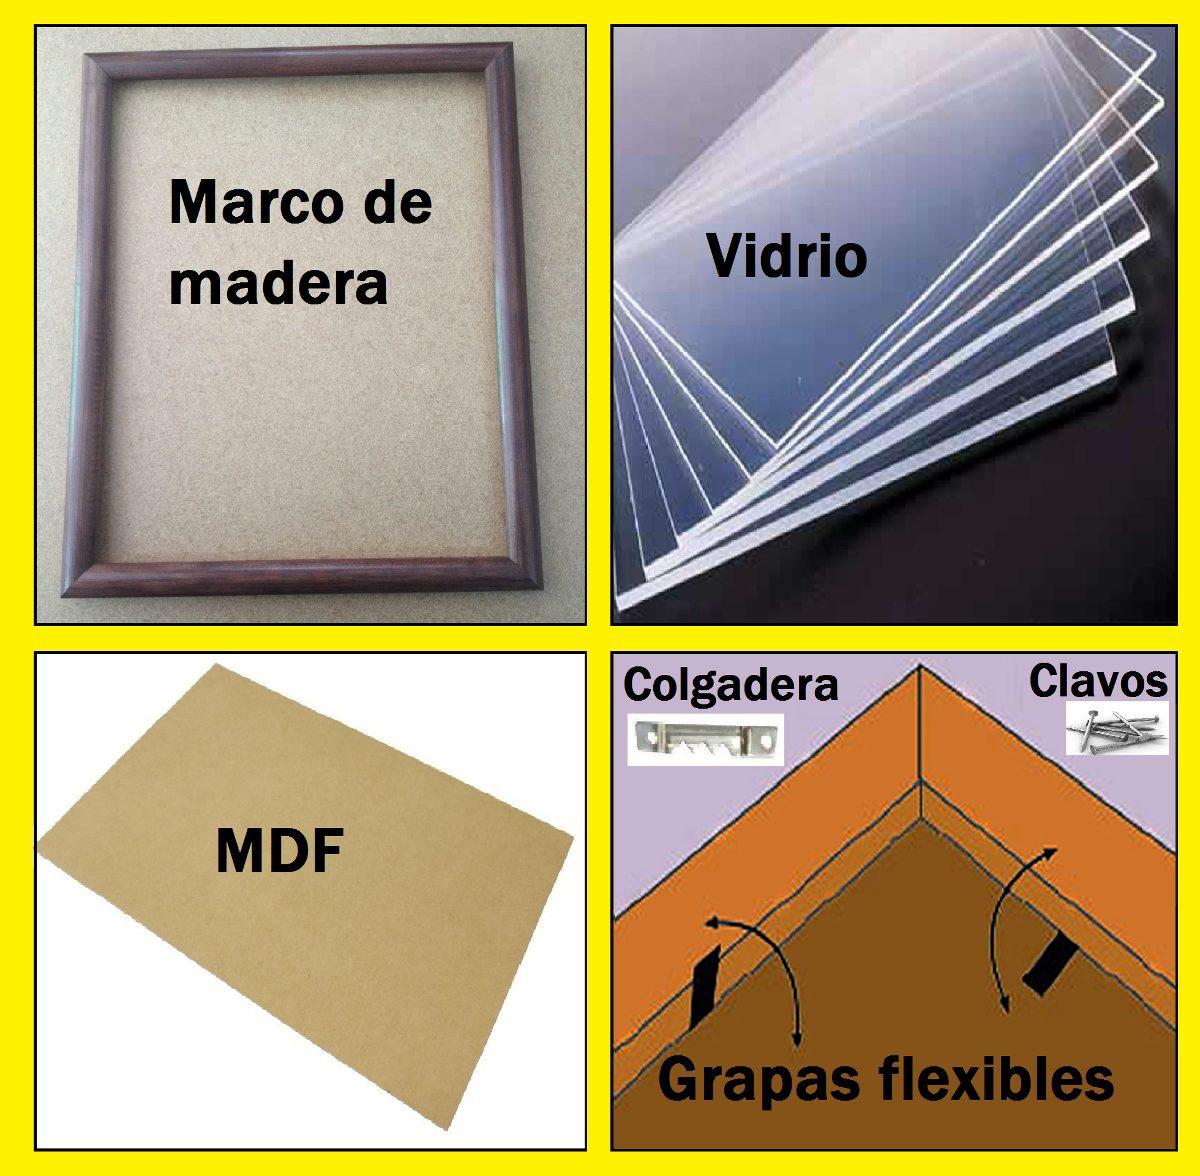 10 Marcos De Madera,(marco,vidrio,mdf,caiman,grapas) 20x25cm ...